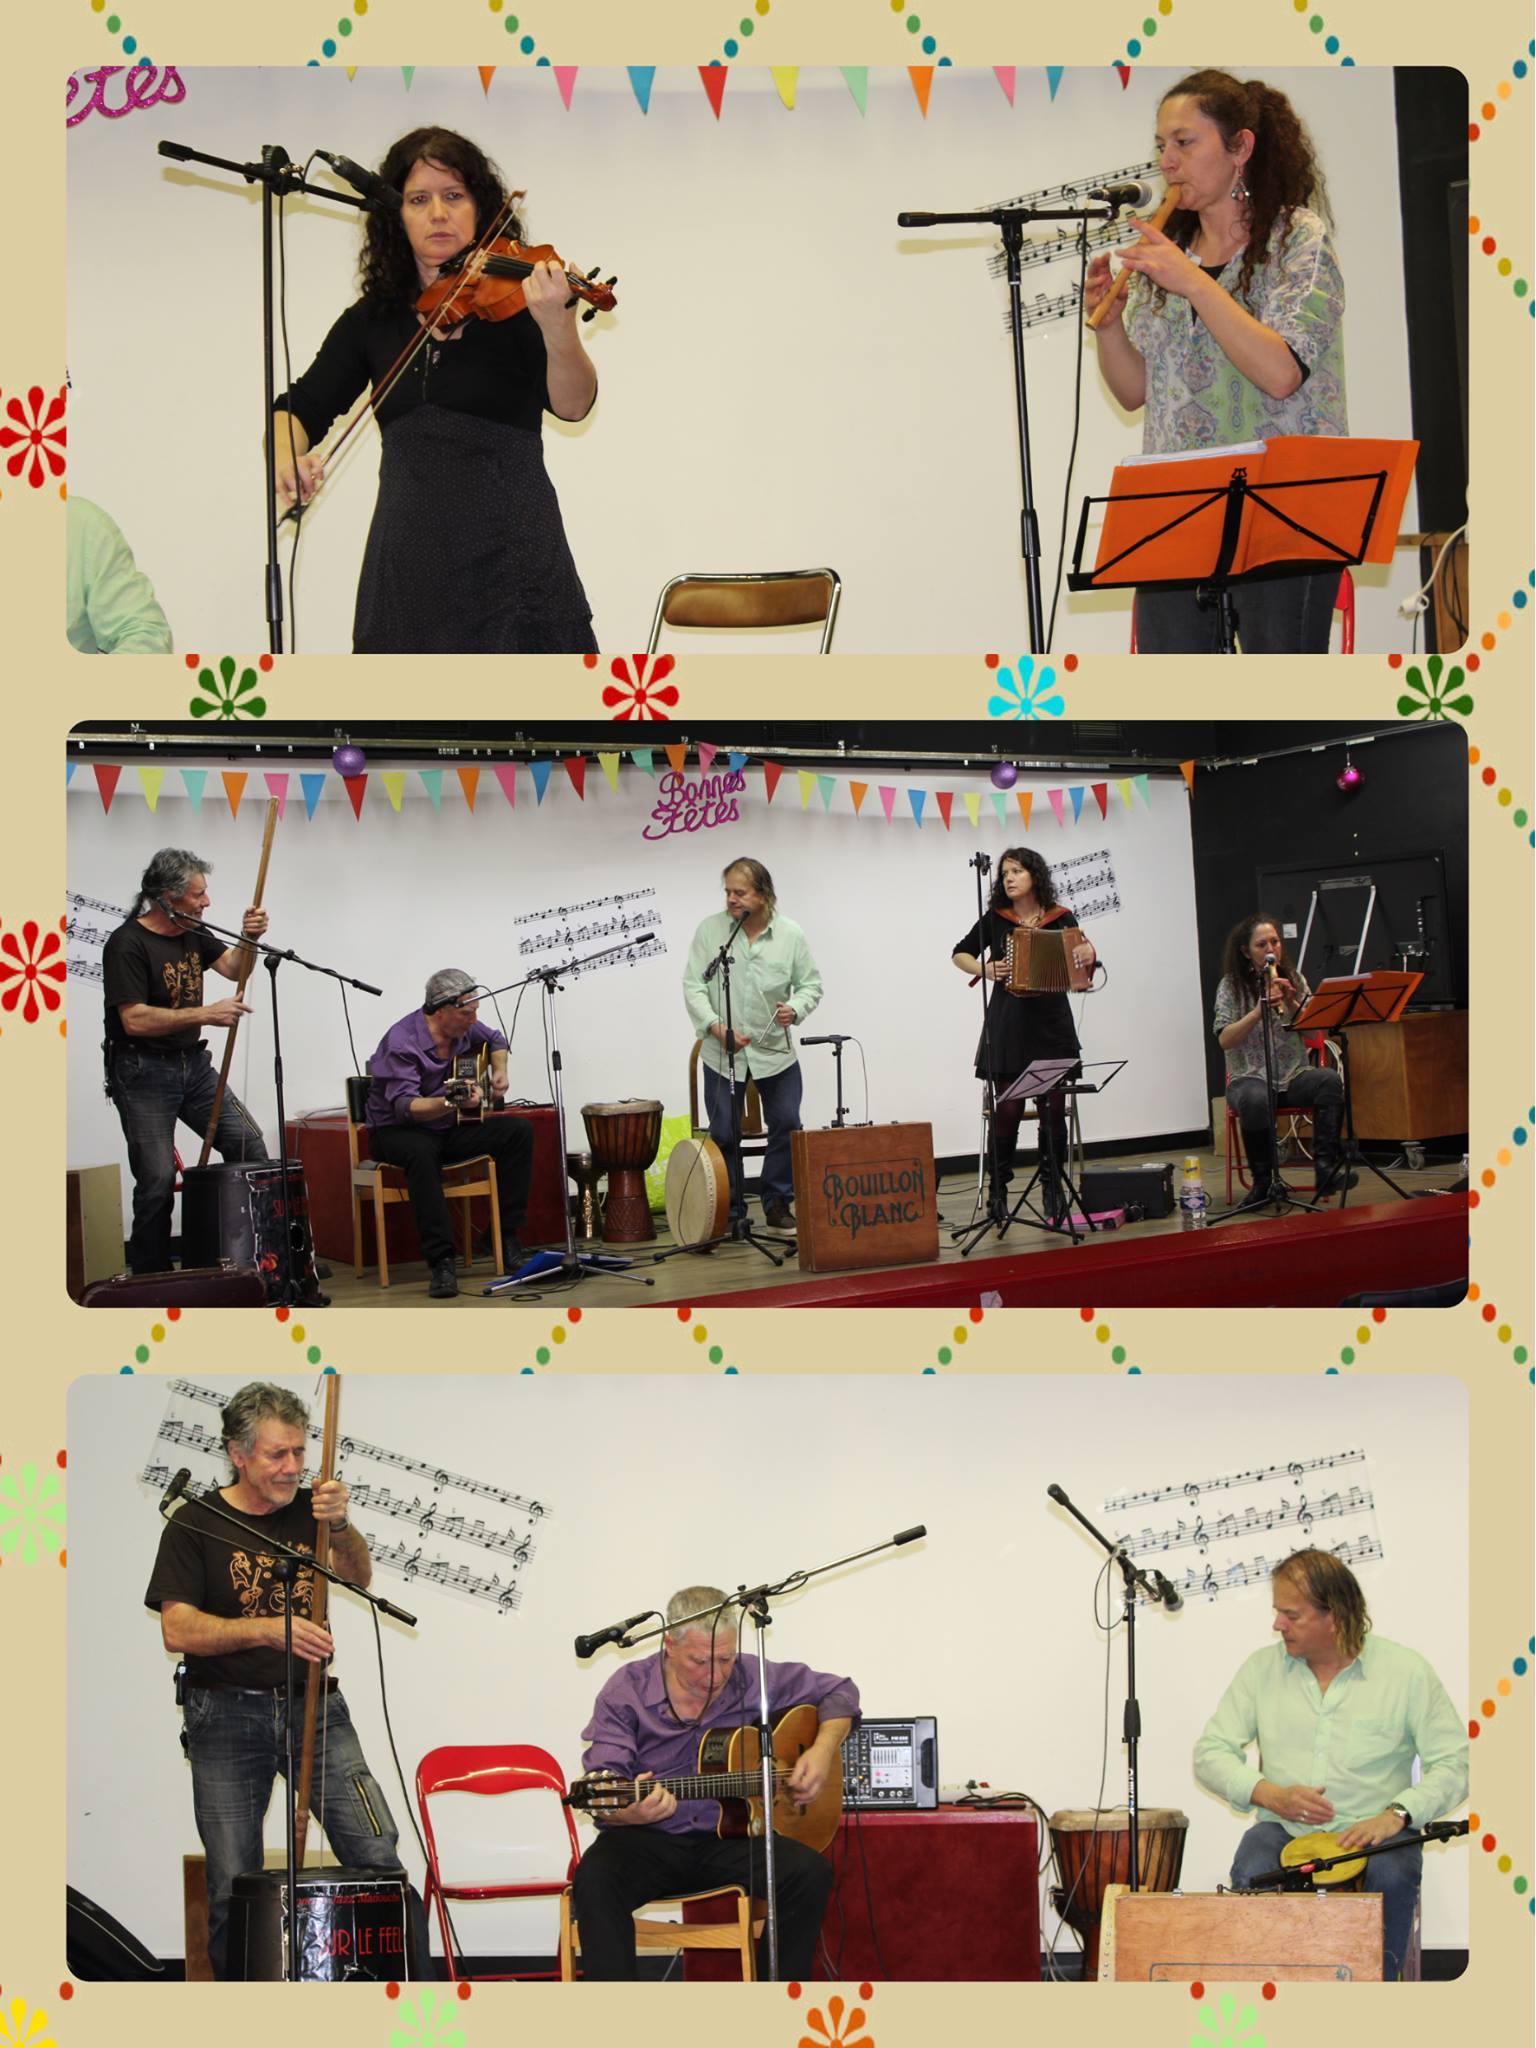 Concert de Bouillon Blanc